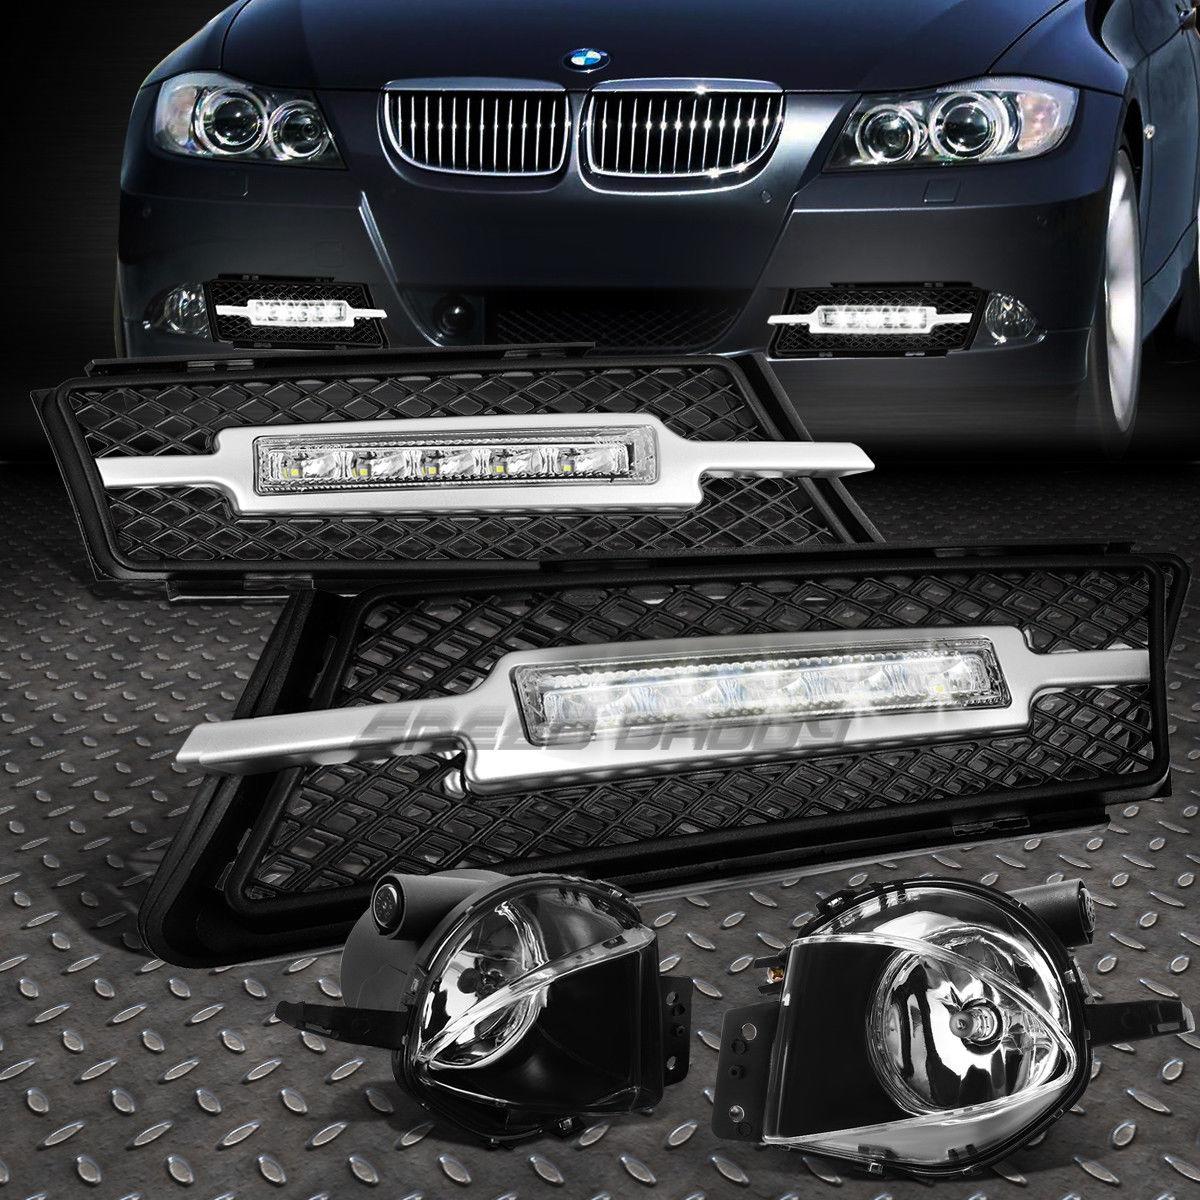 フォグライト CLEAR BUMPER DRIVING FOG LAMP+LED DRL DAYTIME RUNNING LIGHT FOR 06-08 E90/E91 CLEAR BUMPER DRIVING FOG LAMP + 06-08 E90 / E91用DRL DRLランニングライト